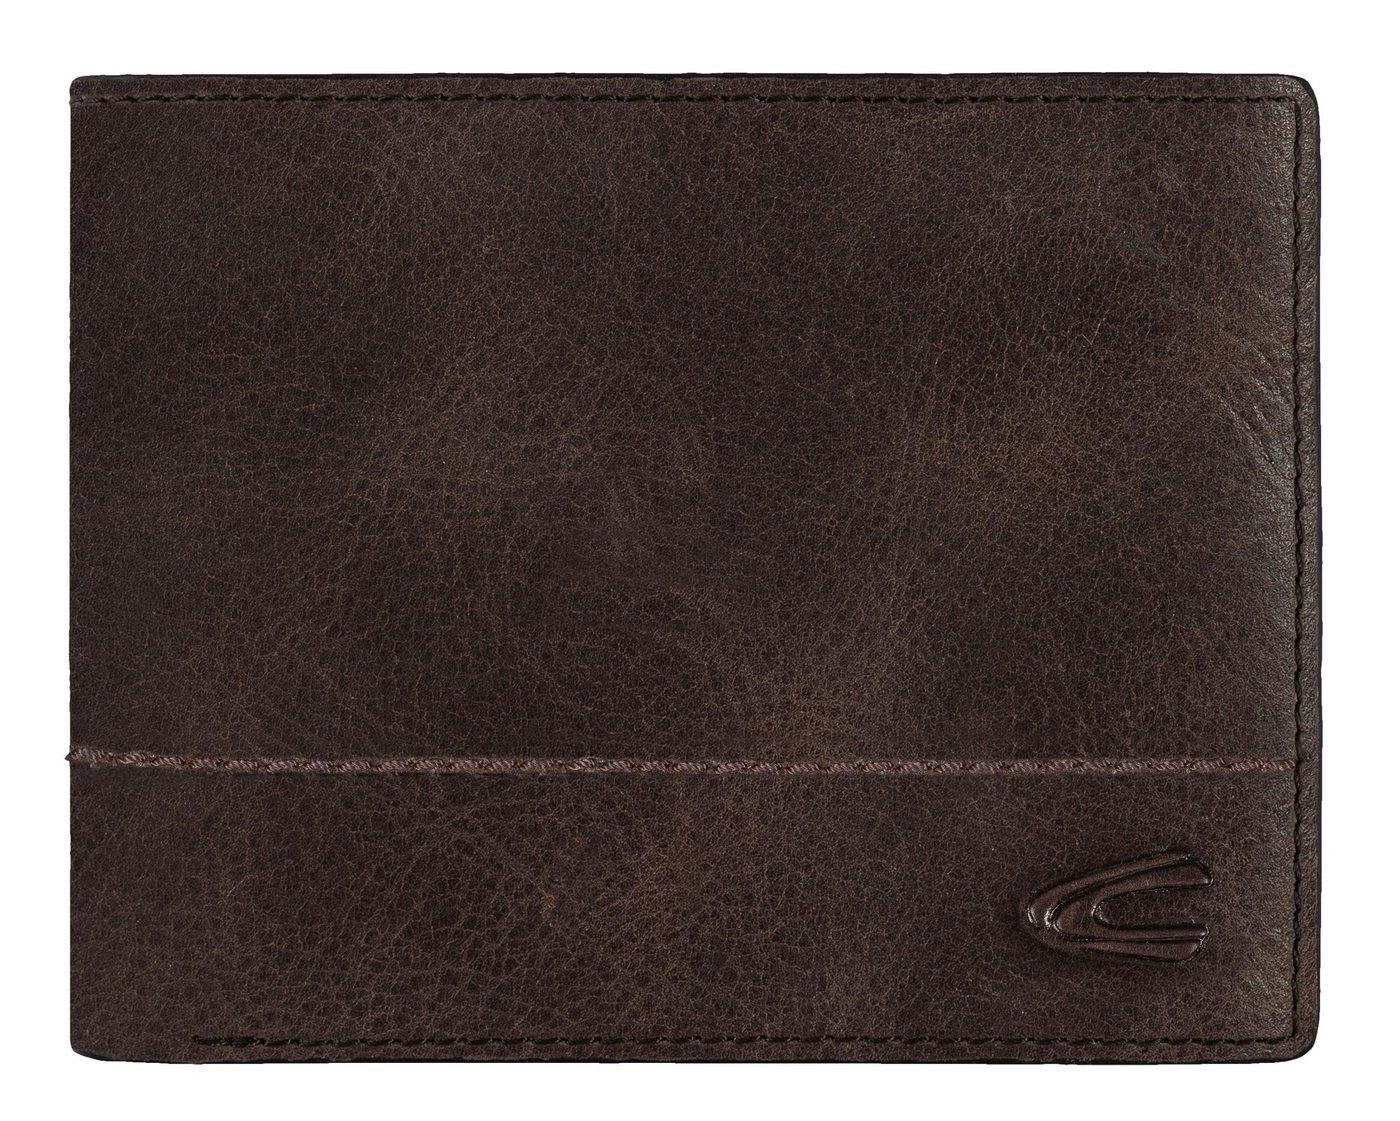 Herren camel active Geldbörse HANOI  aus Leder mit RFID-Block für mehr Sicherheit braun | 04251234436608